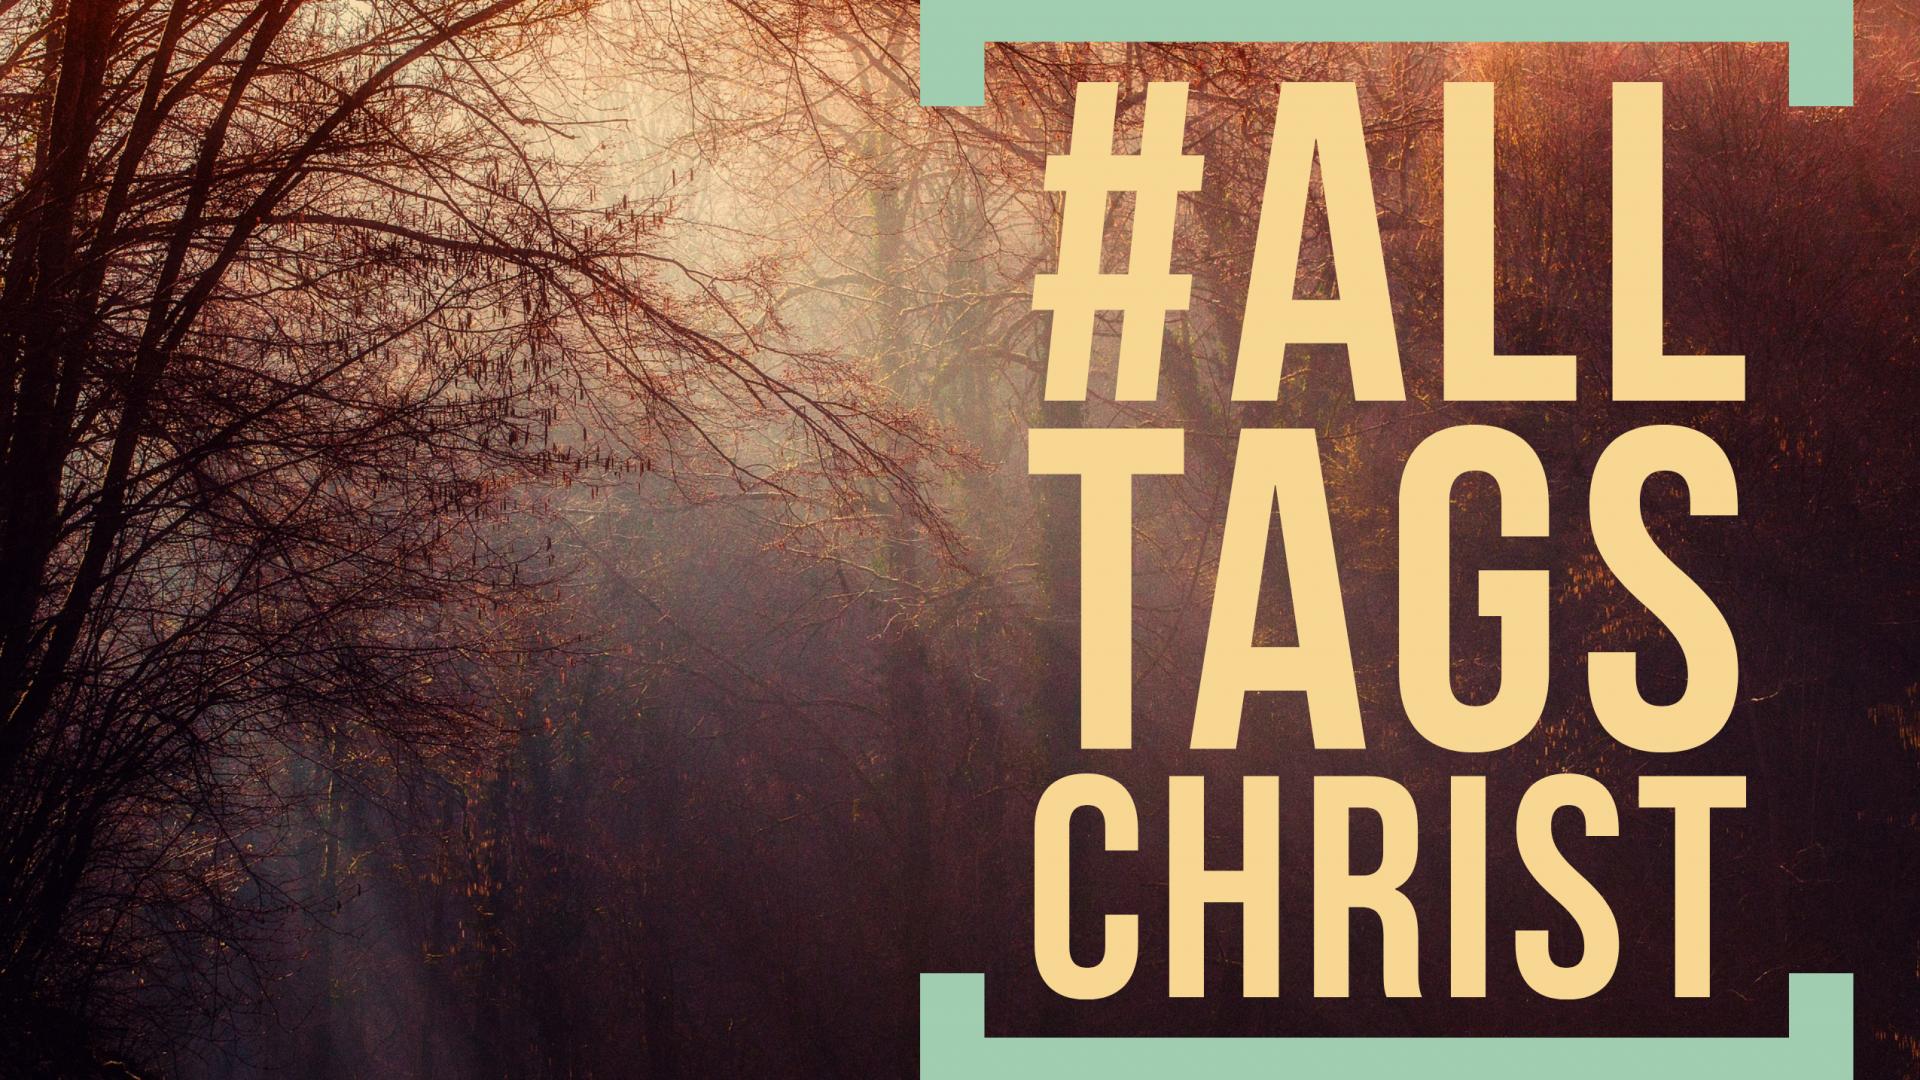 #ALLTAGSCHRIST